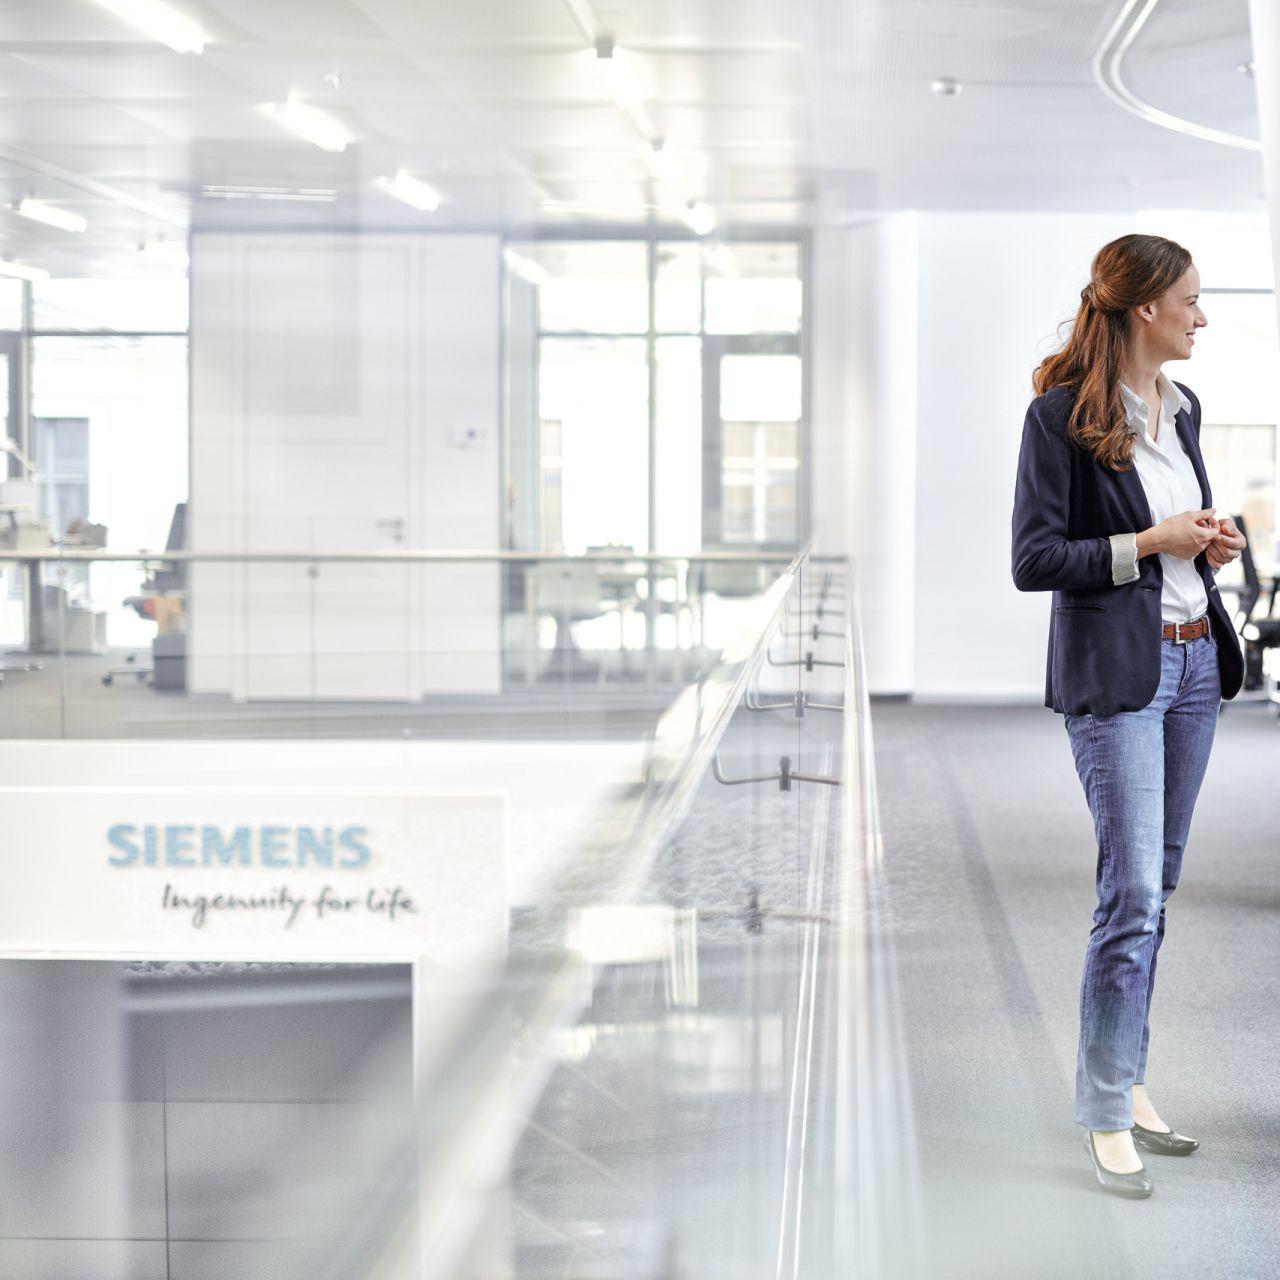 Von passiv zu adaptiv: Siemens transformiert Gebäude